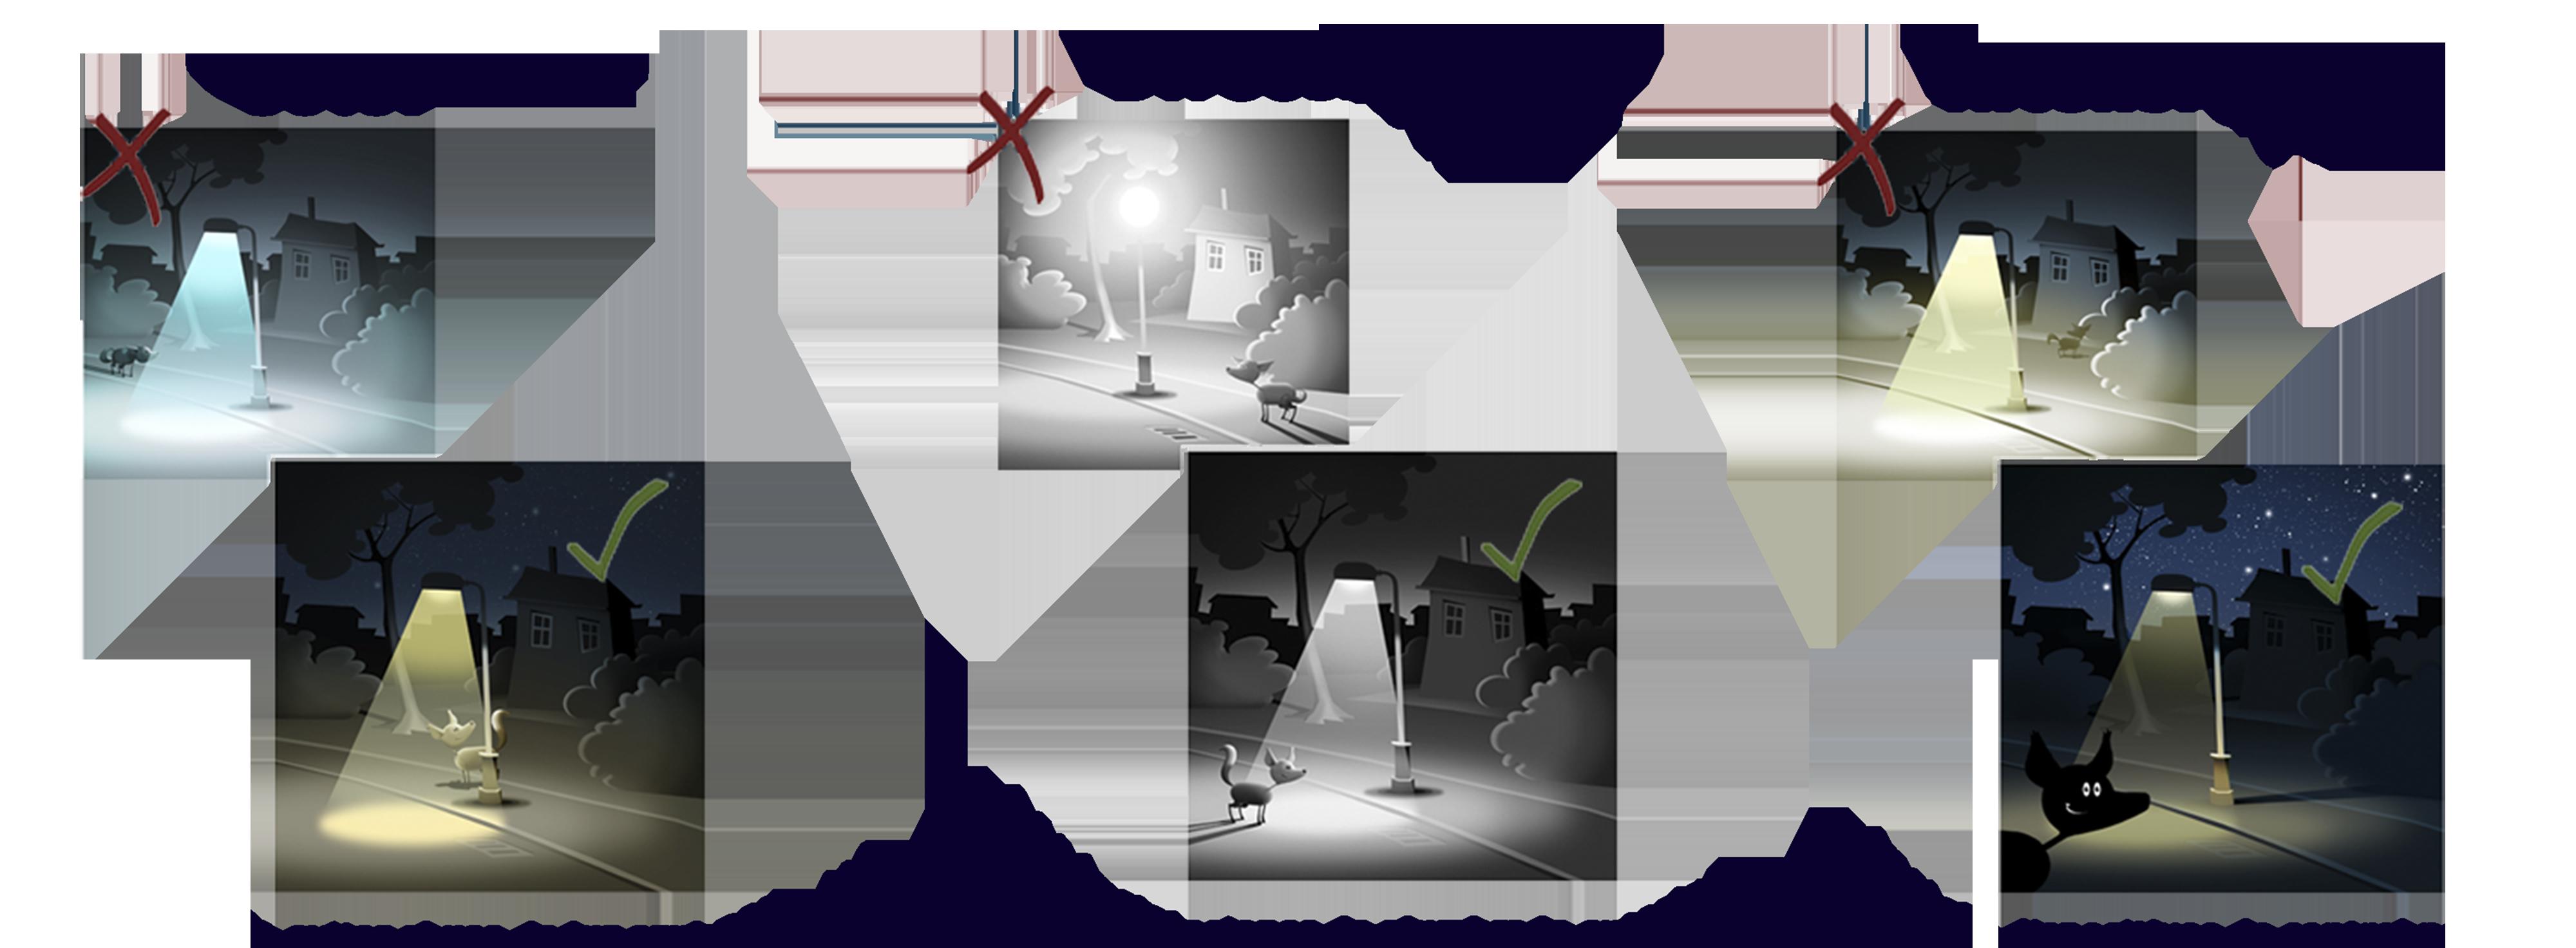 Correcta iluminación nocturna